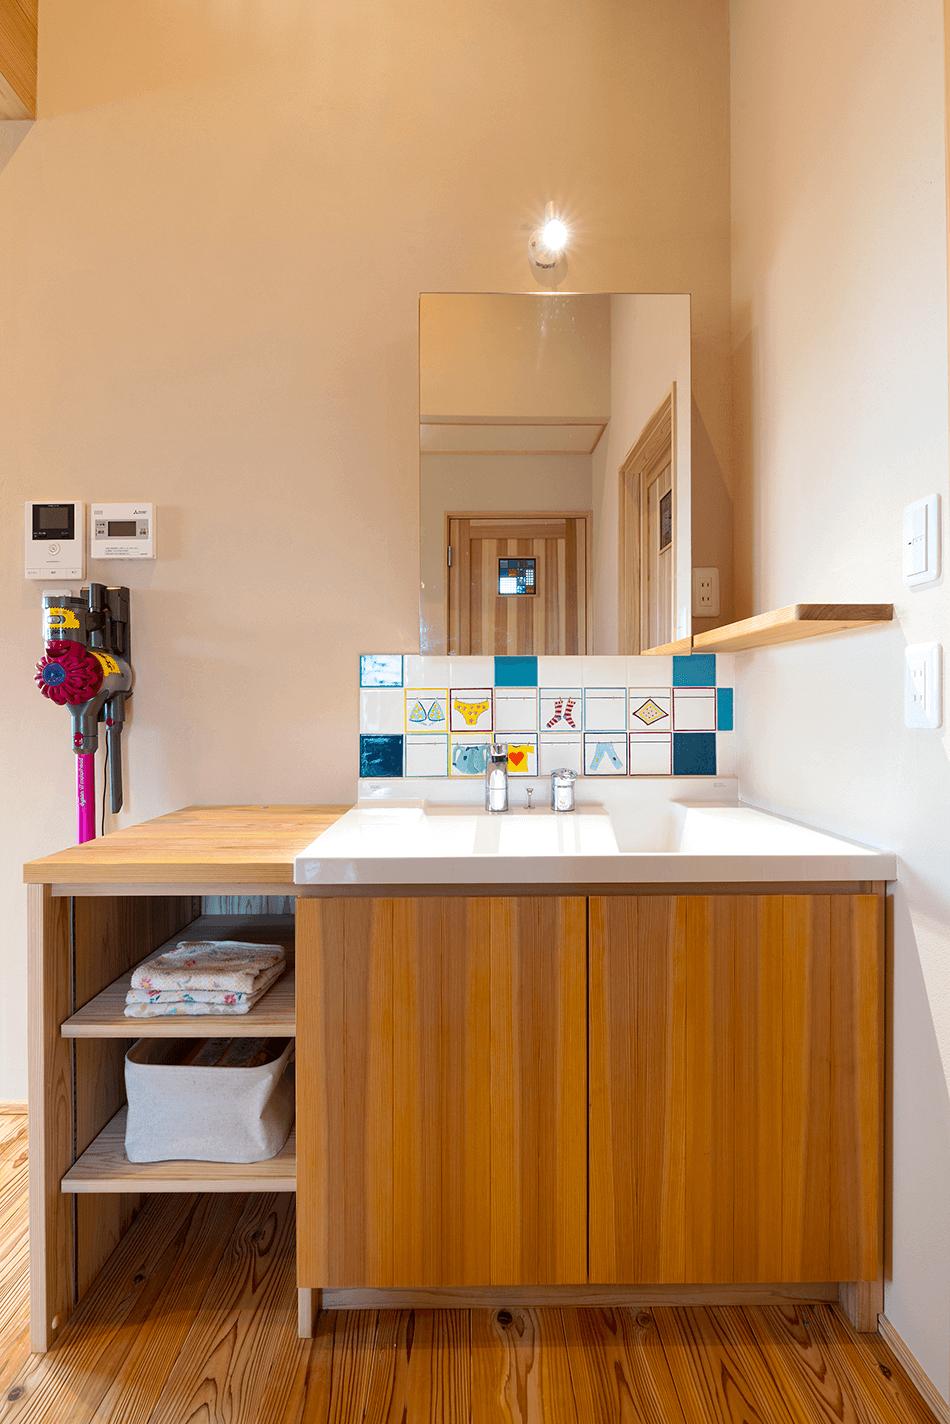 木の家|福岡の新築建築事例|平屋|3LDK|洗面化粧台|オリジナル|エコワークス|CASE-23|内観08